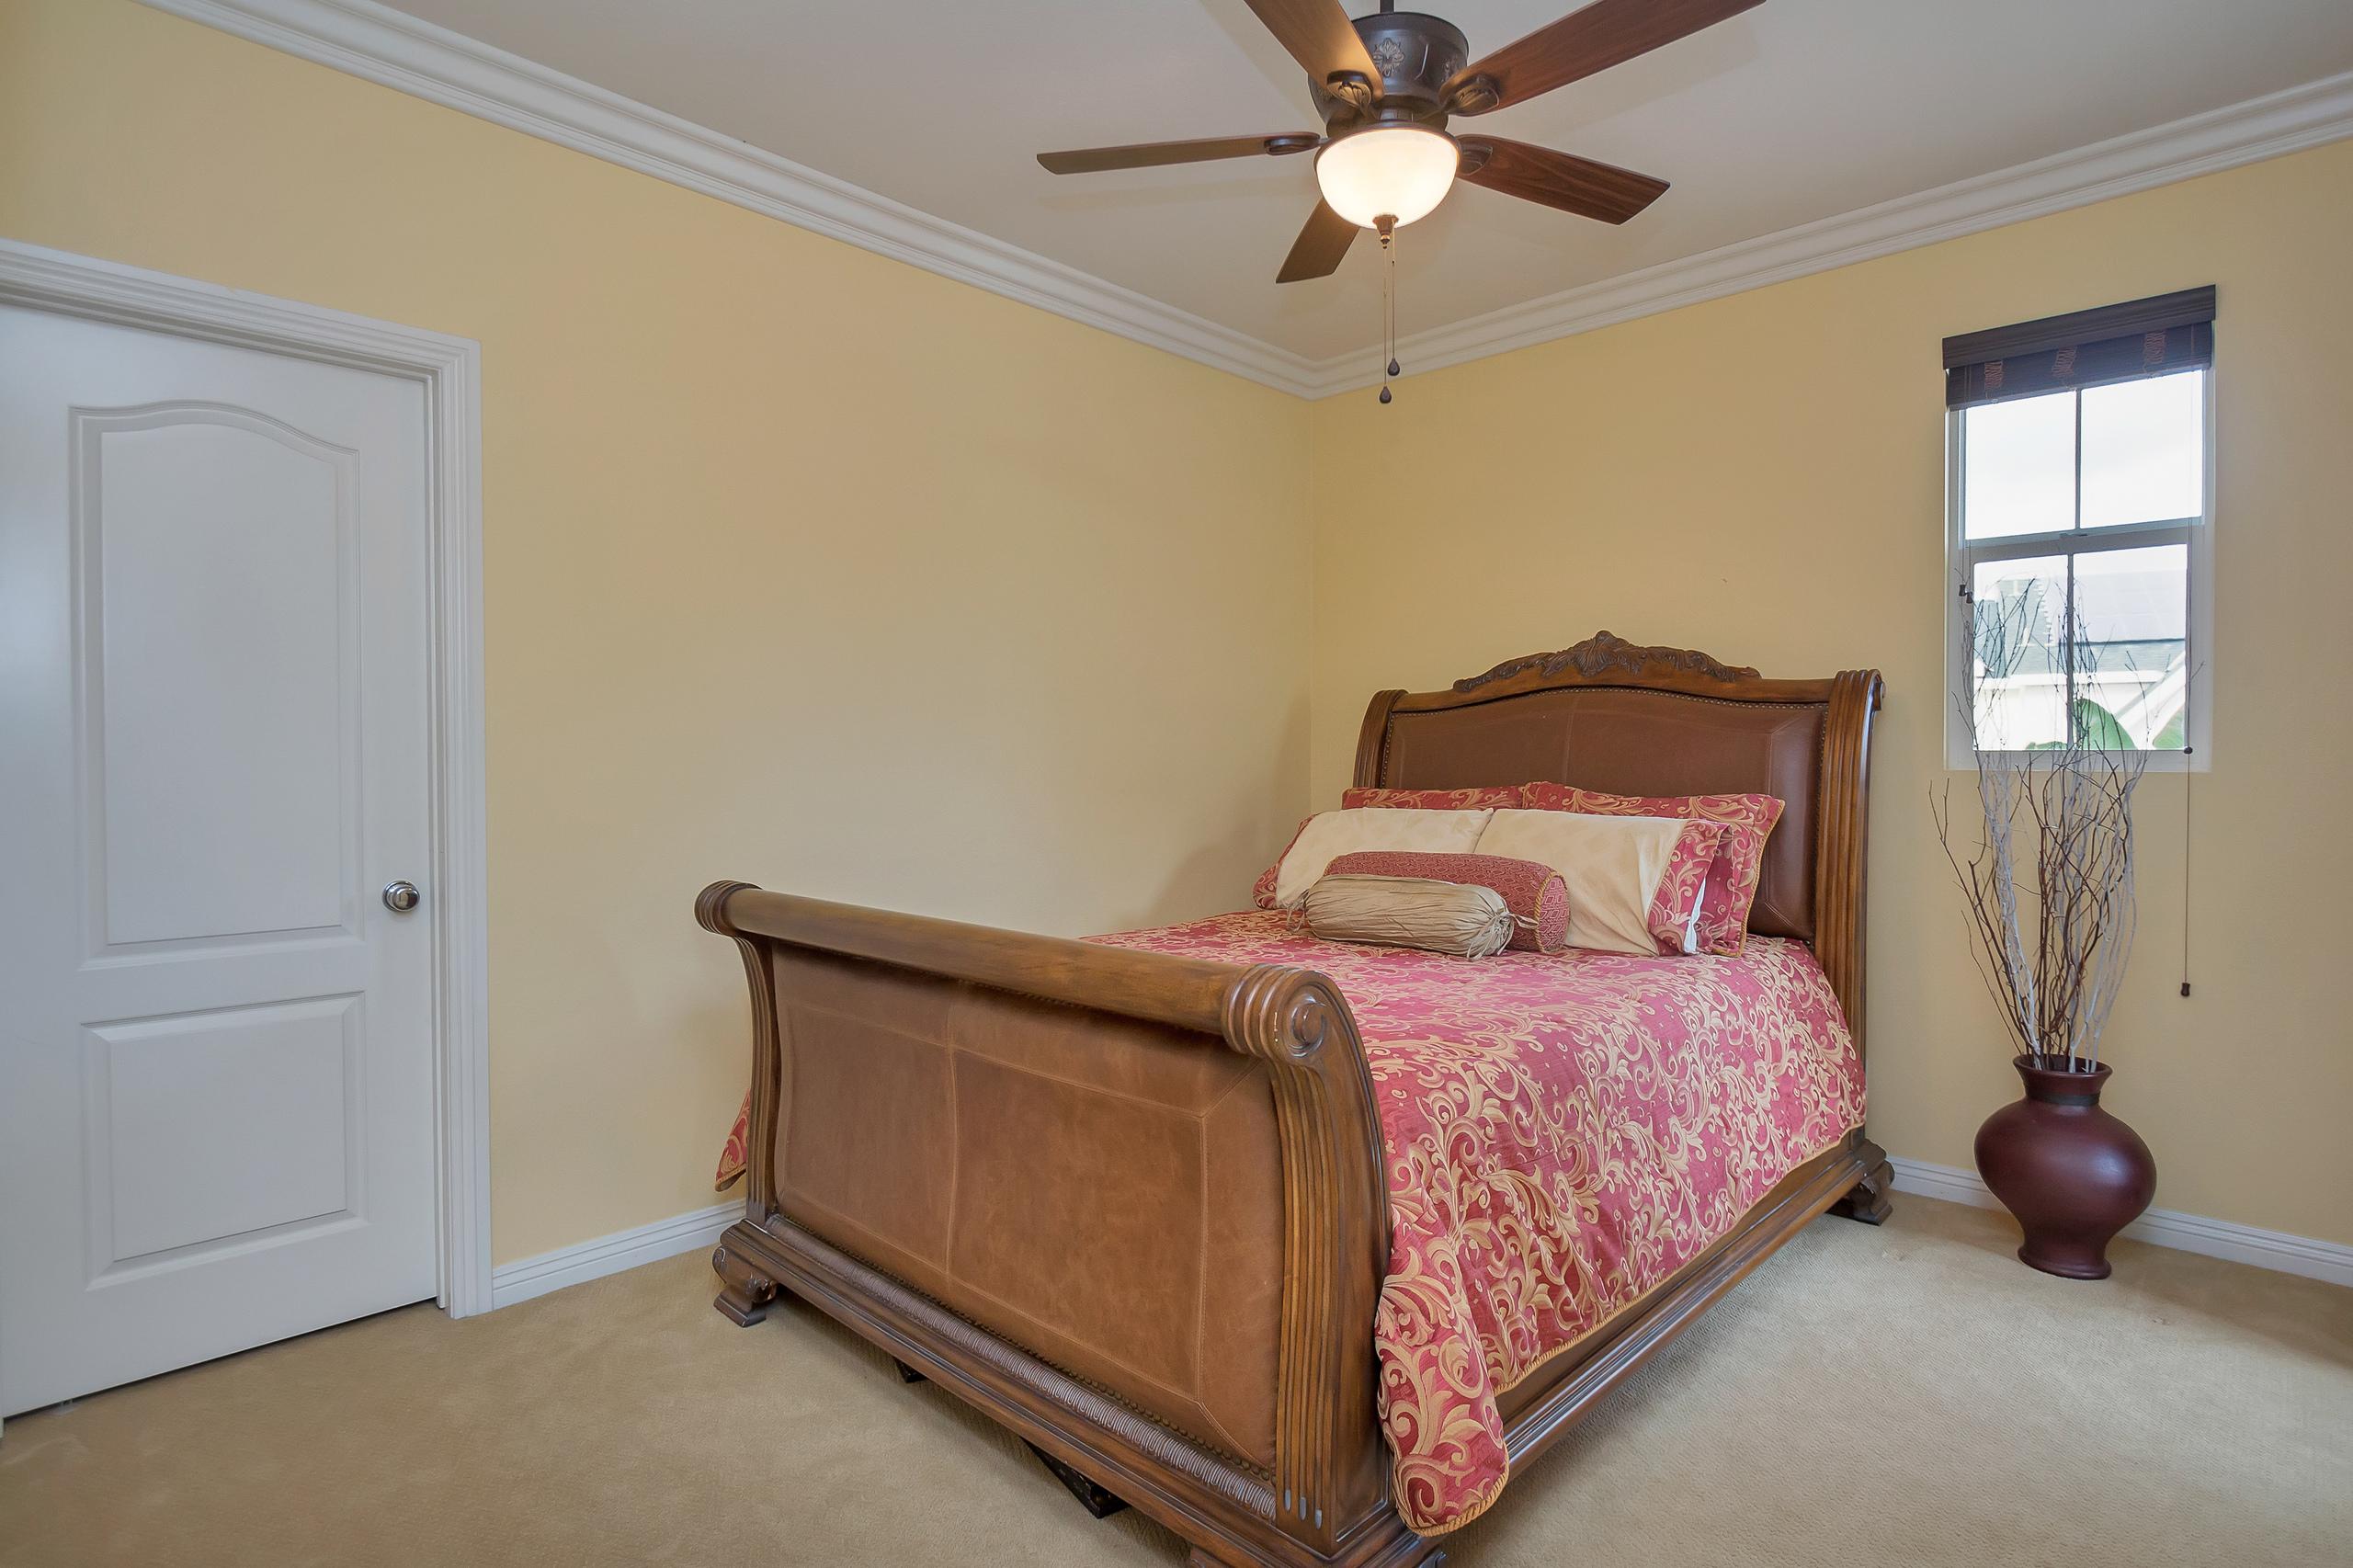 1106707-Bedroom_2